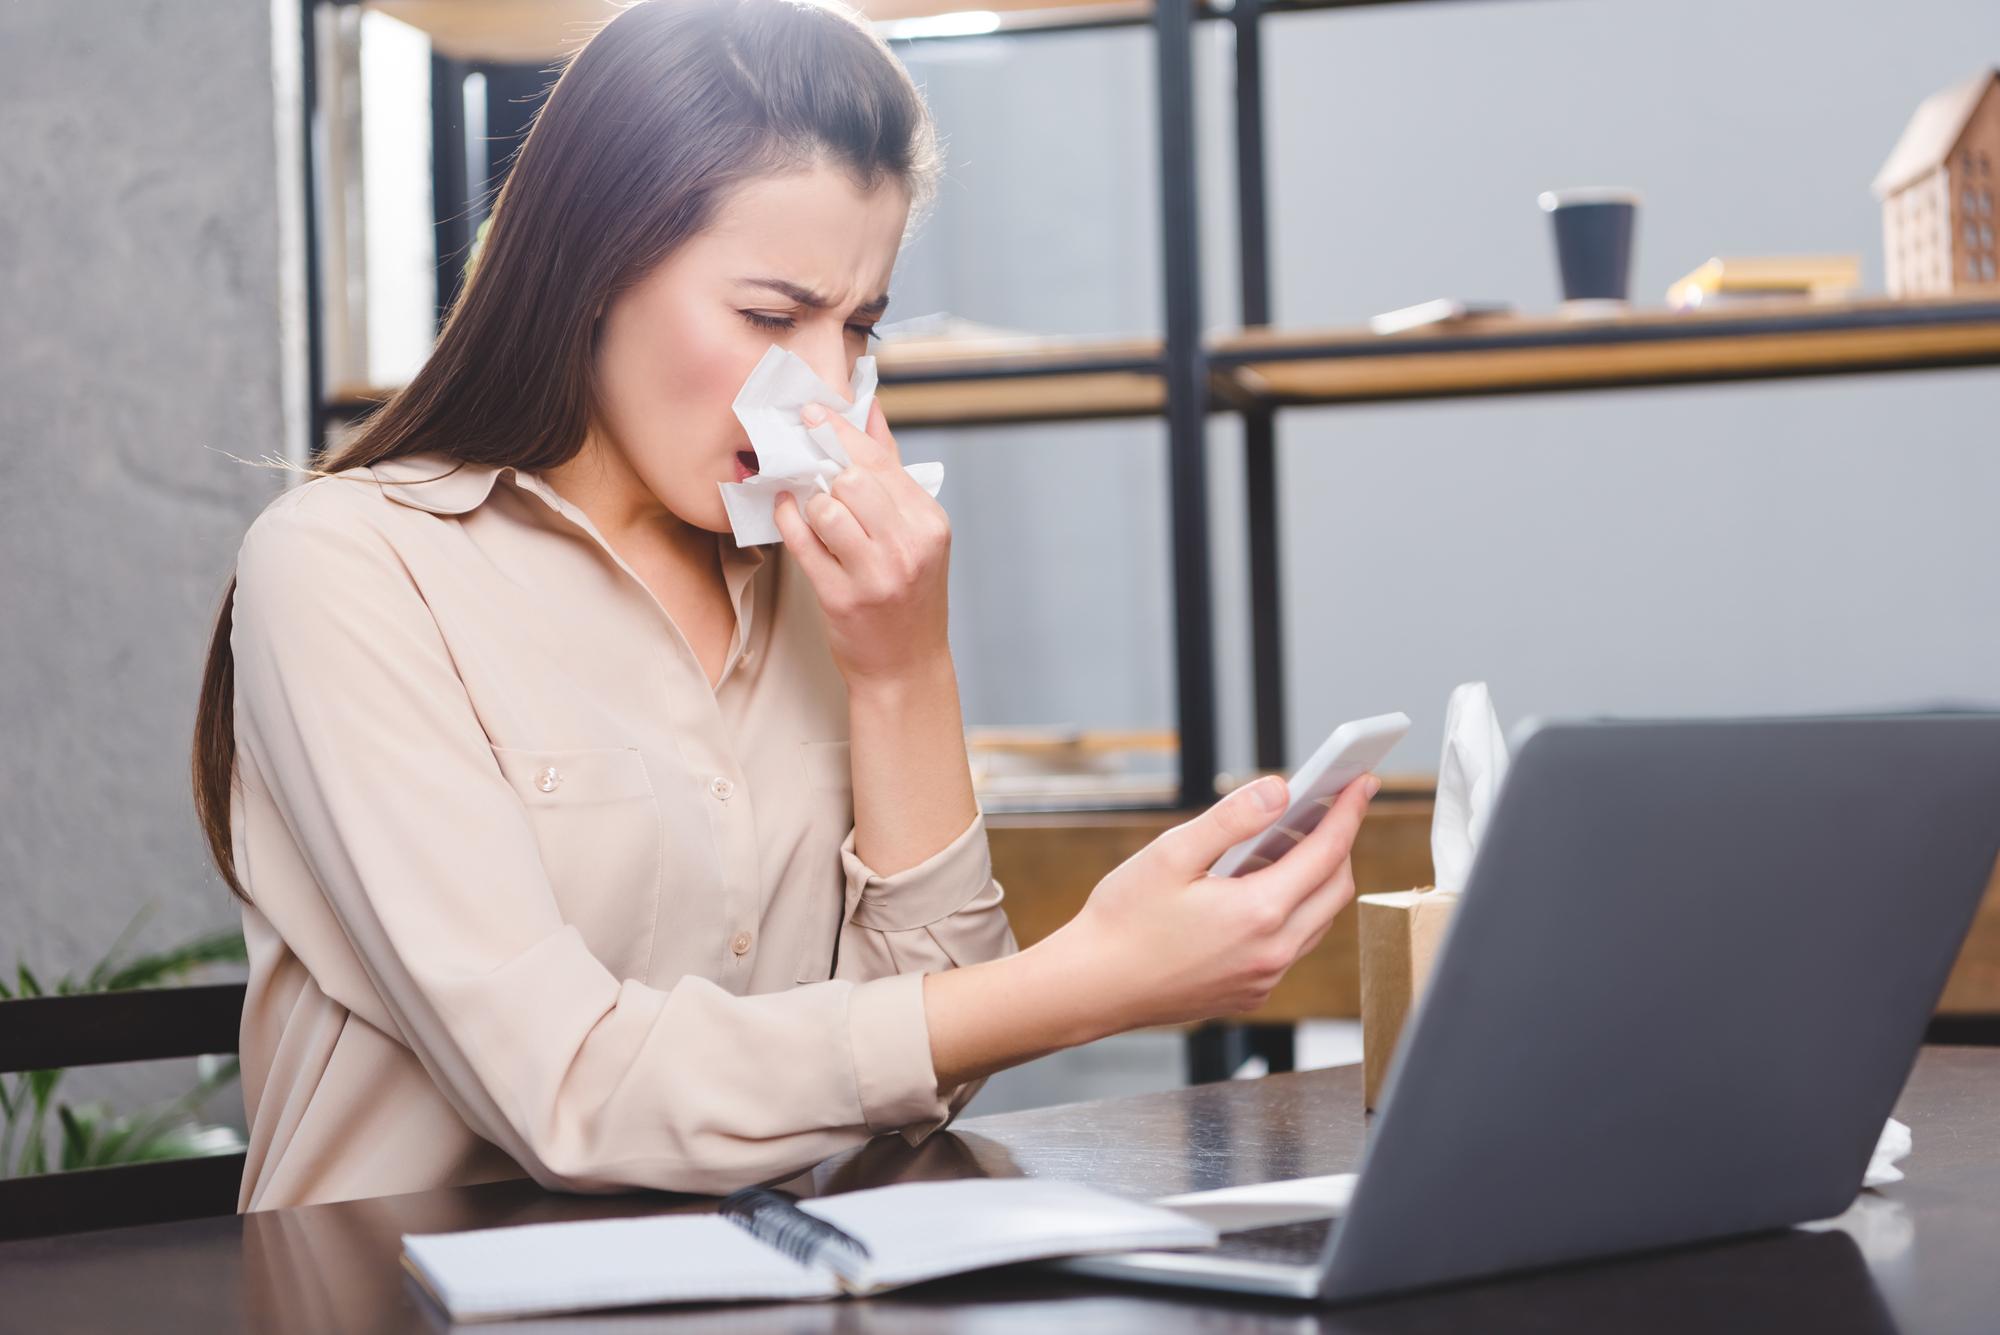 Что следует знать об аллергии: рекомендации аллерголога